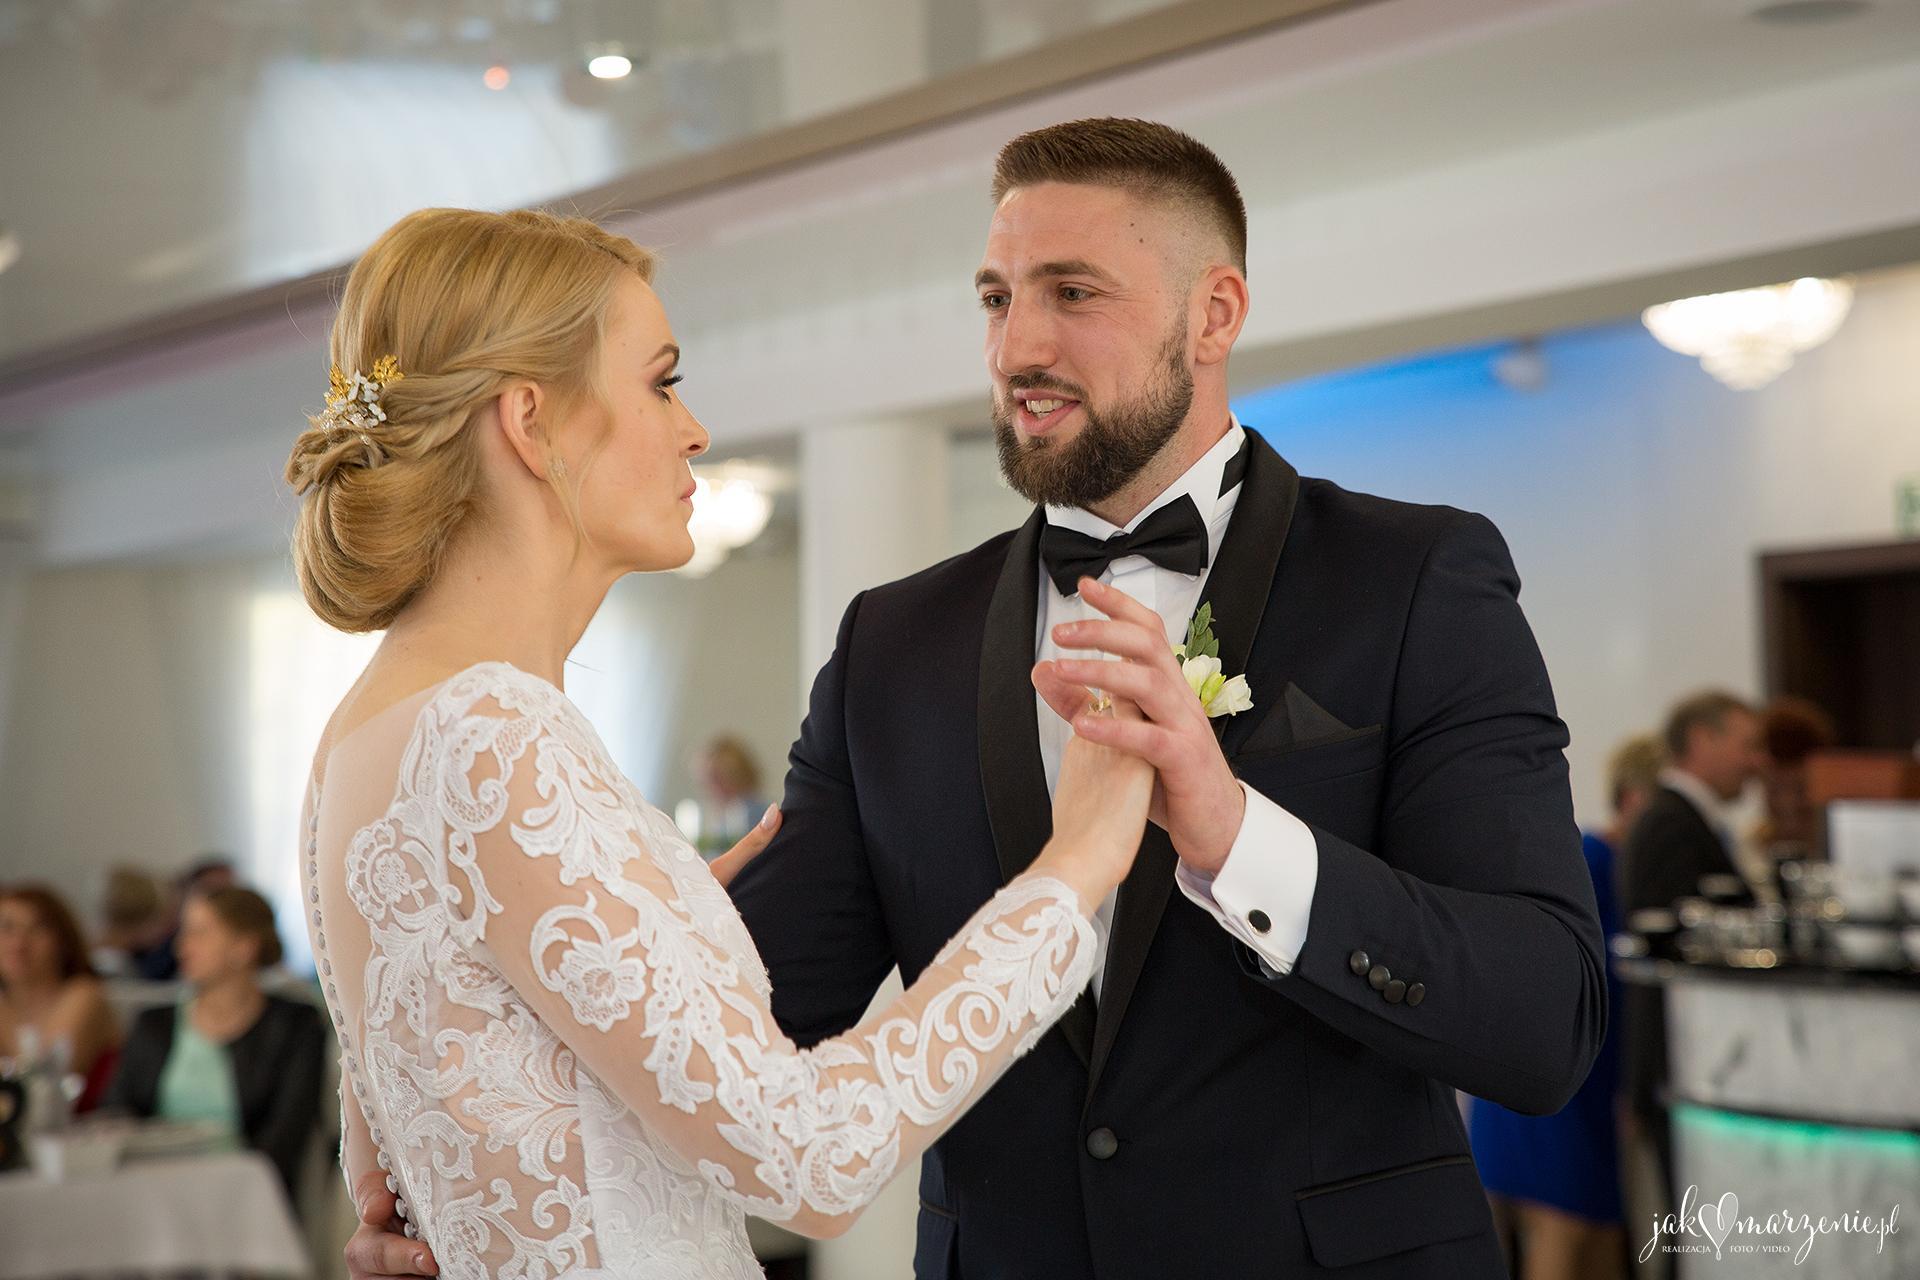 Zdjęcia Ślubne Sala Bankietowa Załęcze - Patrycja i Krzysztof